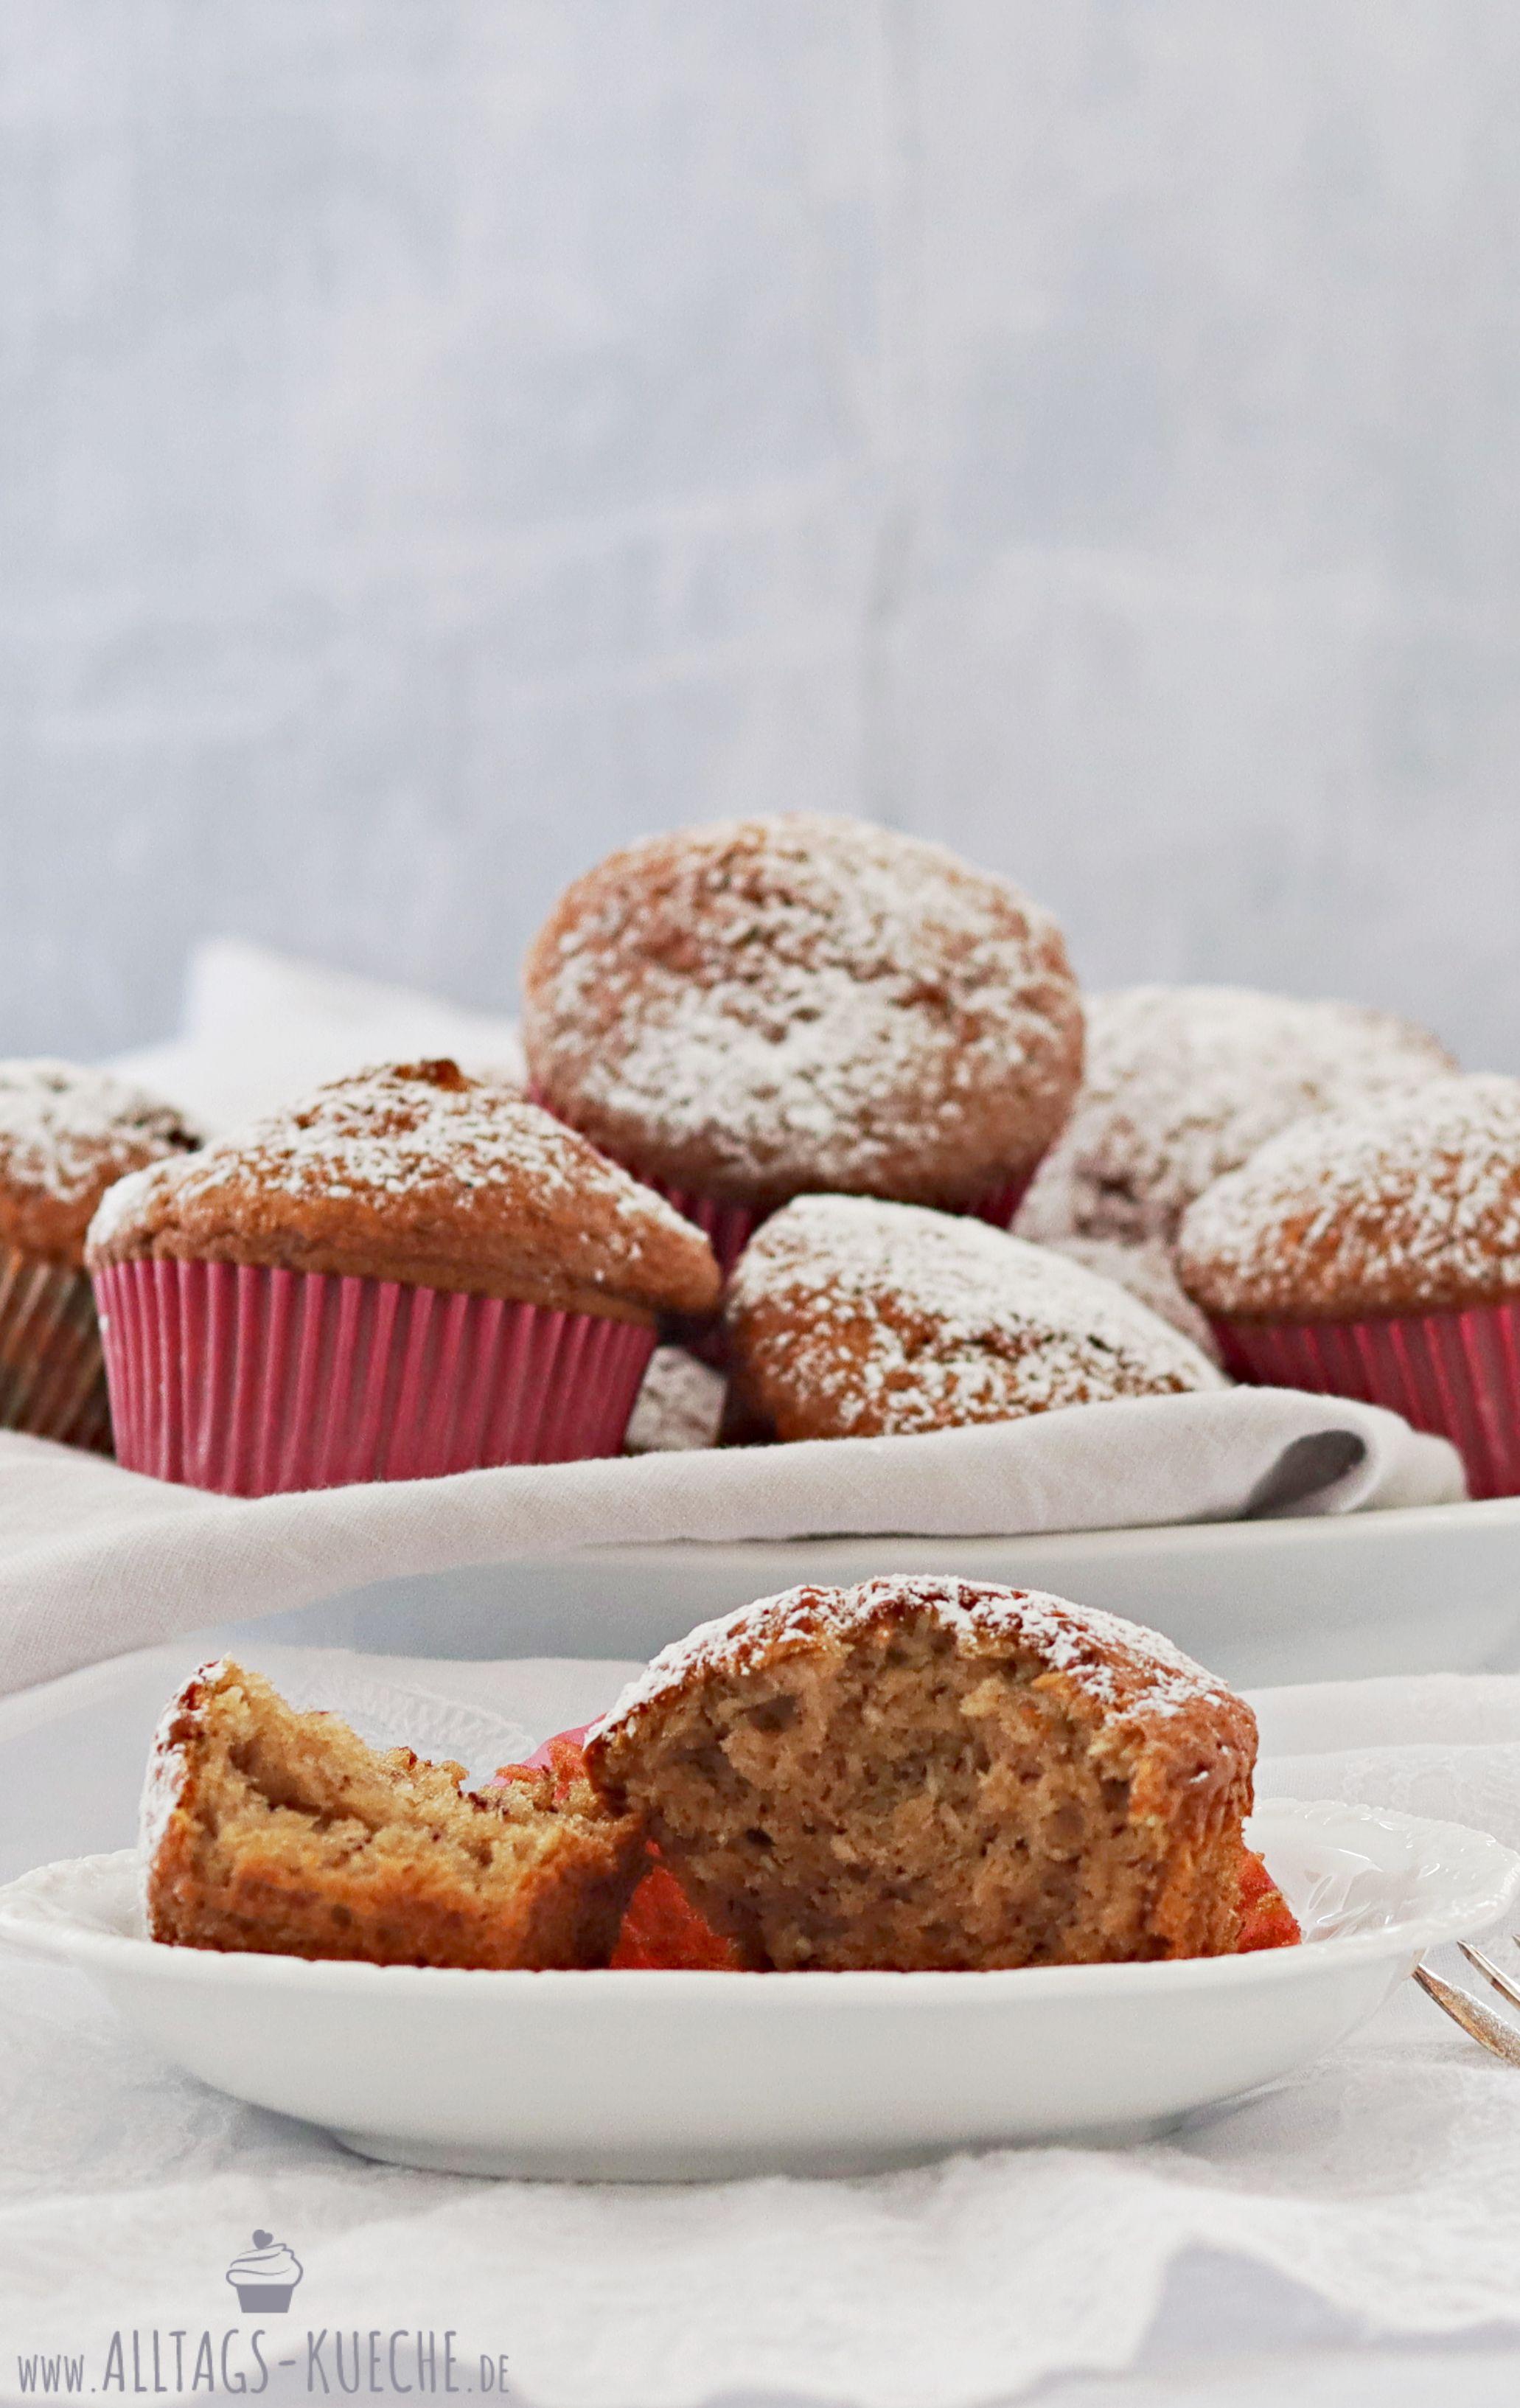 Rezept-Bananen-Muffins-Alltagsküche